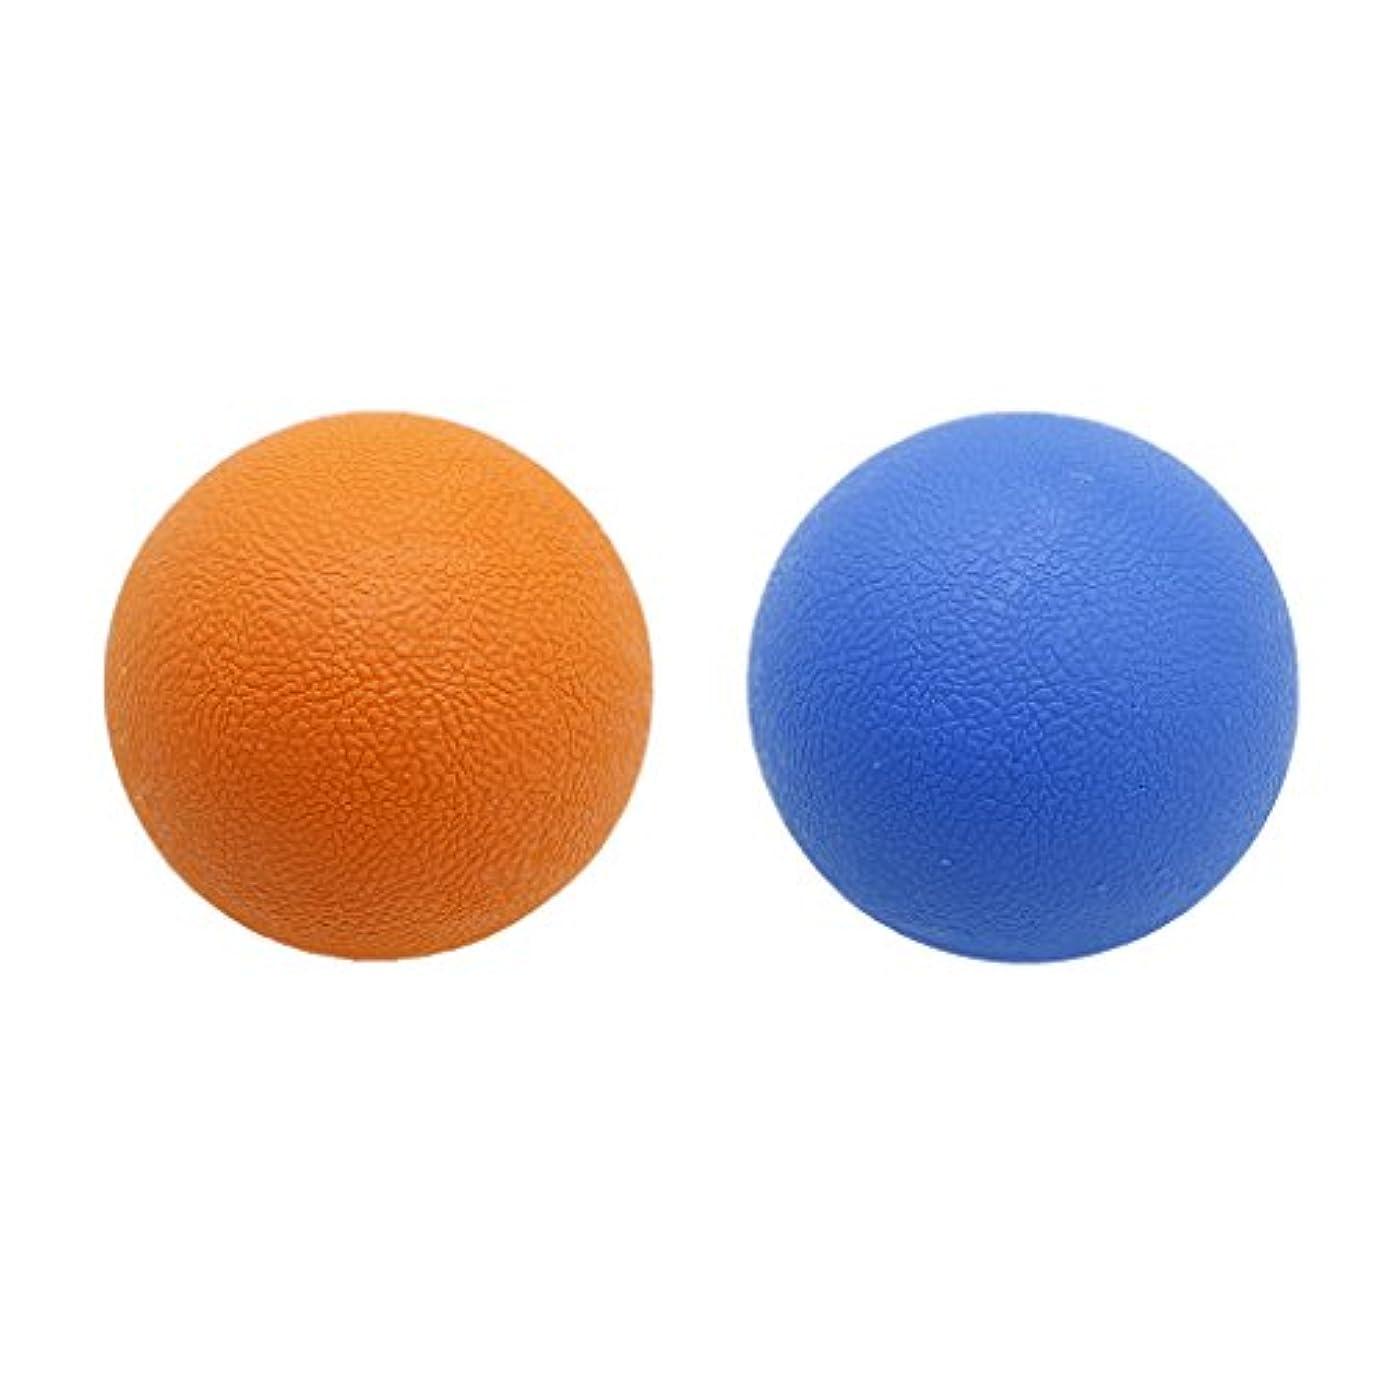 色合い姉妹スリッパ2個 マッサージボール ストレッチボール トリガーポイント トレーニング マッサージ リラックス 便利 多色選べる - オレンジブルー